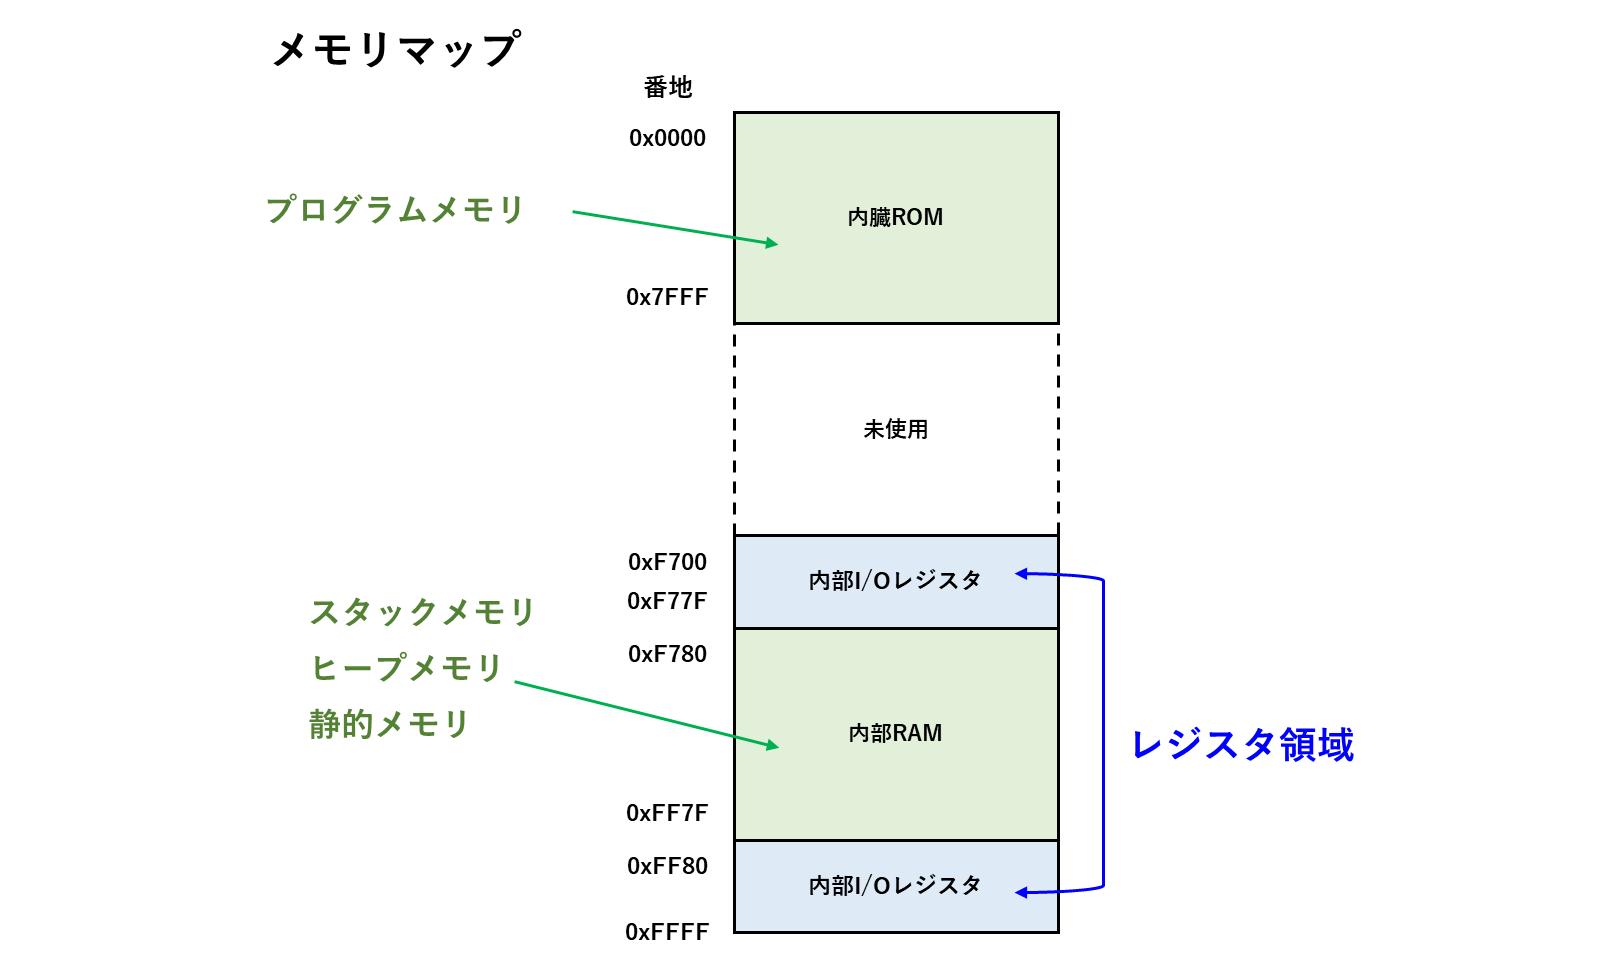 メモリマップ